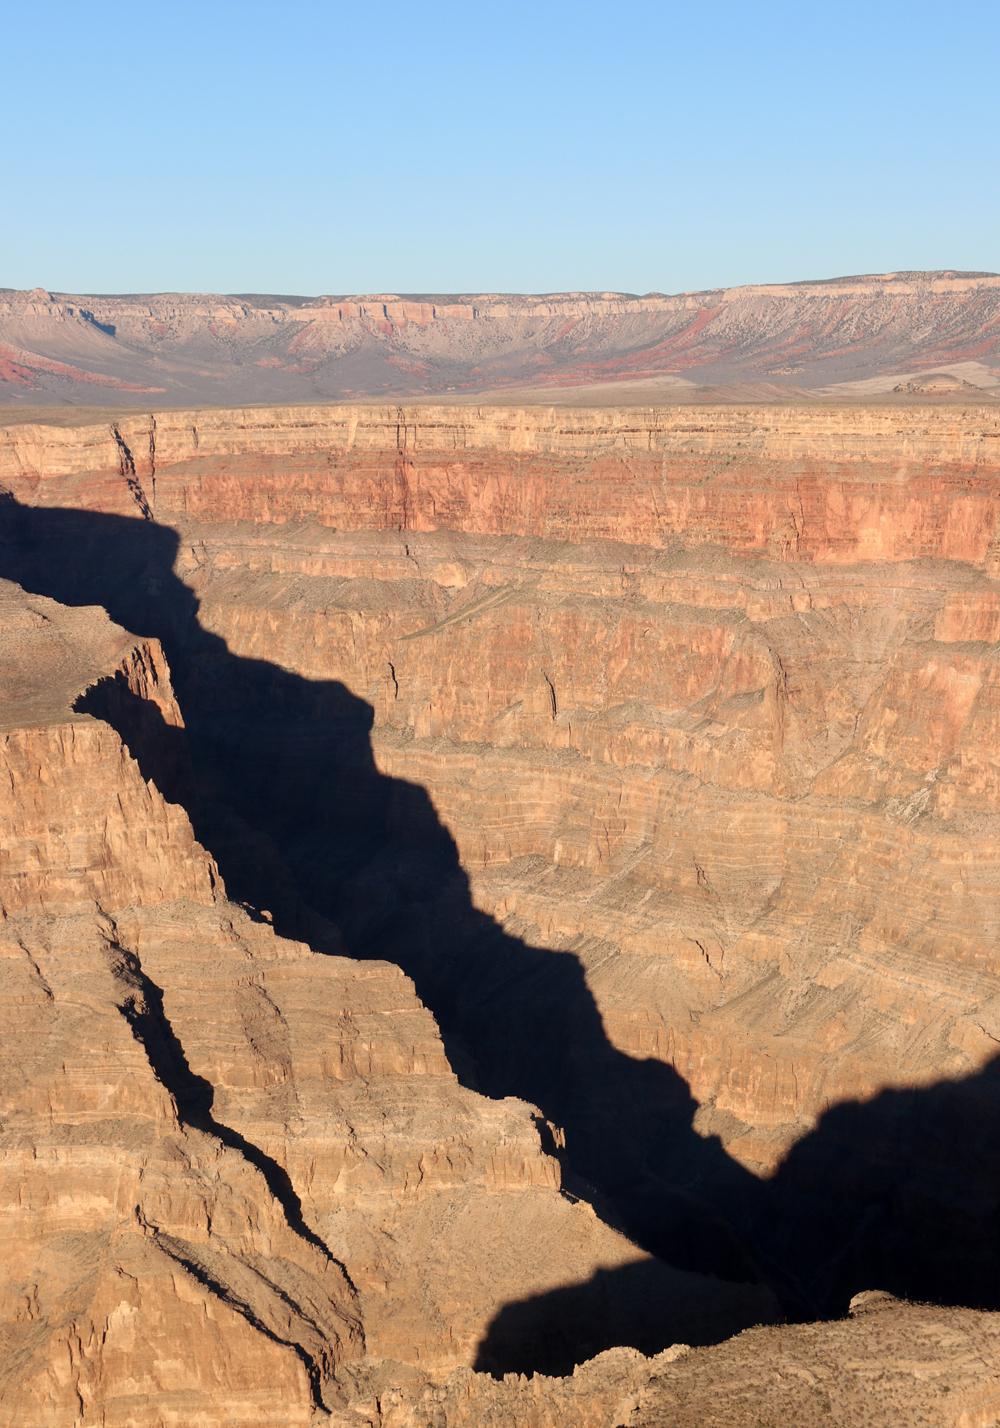 Helikopterilla Grand Canyoniin 17